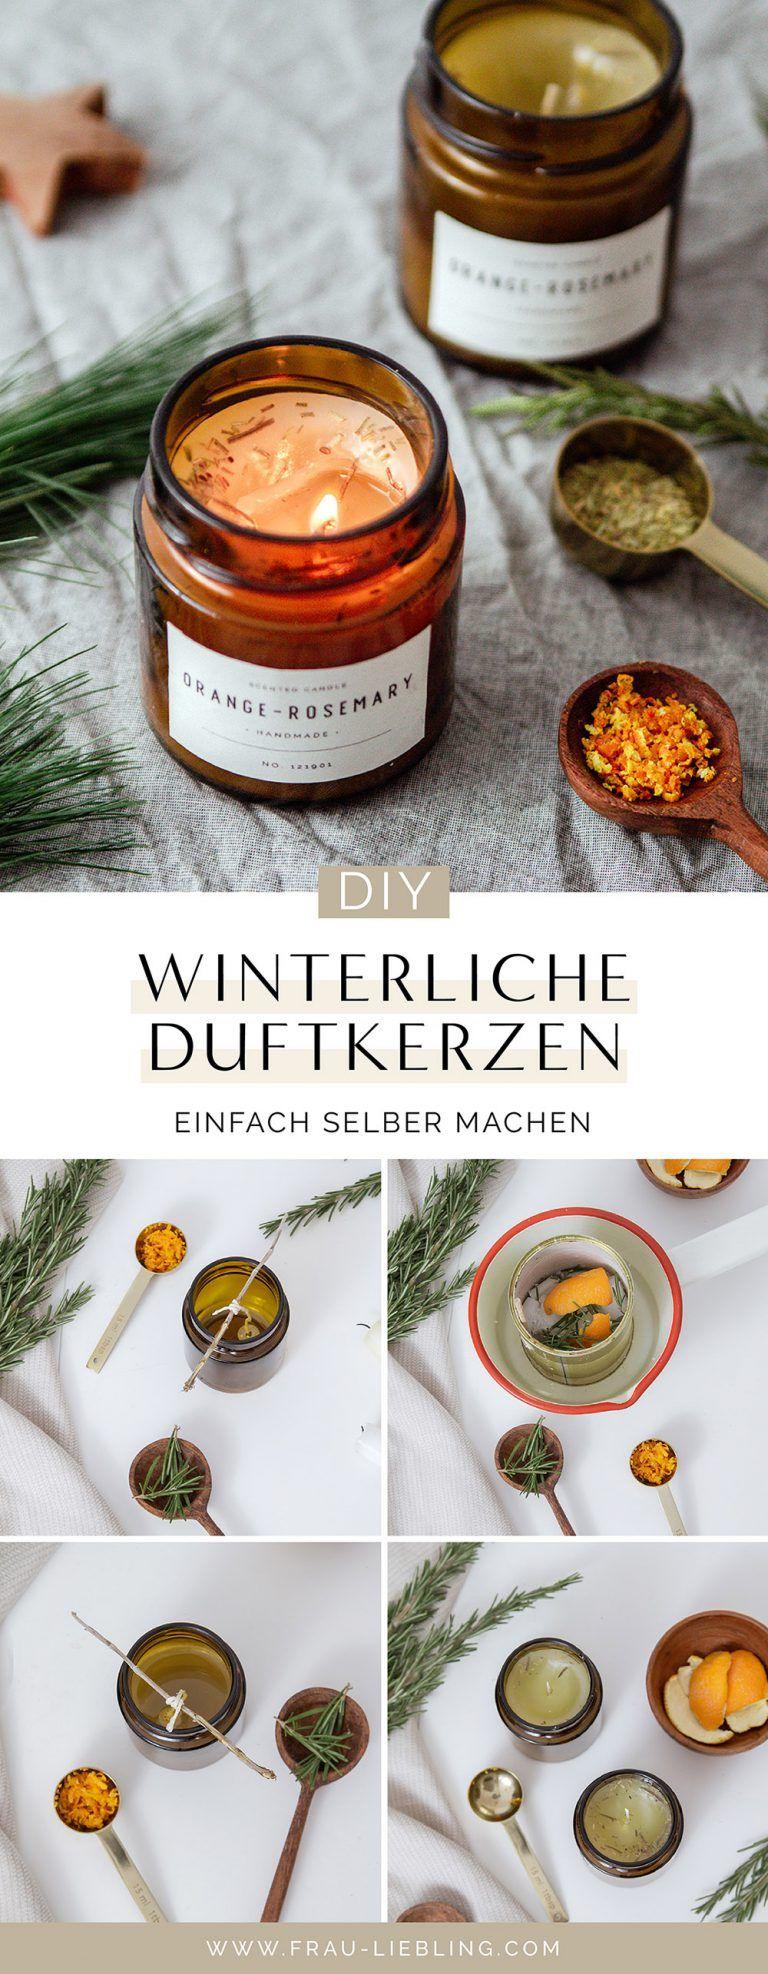 DIY Duftkerzen mit Orange und Rosmarin selber machen